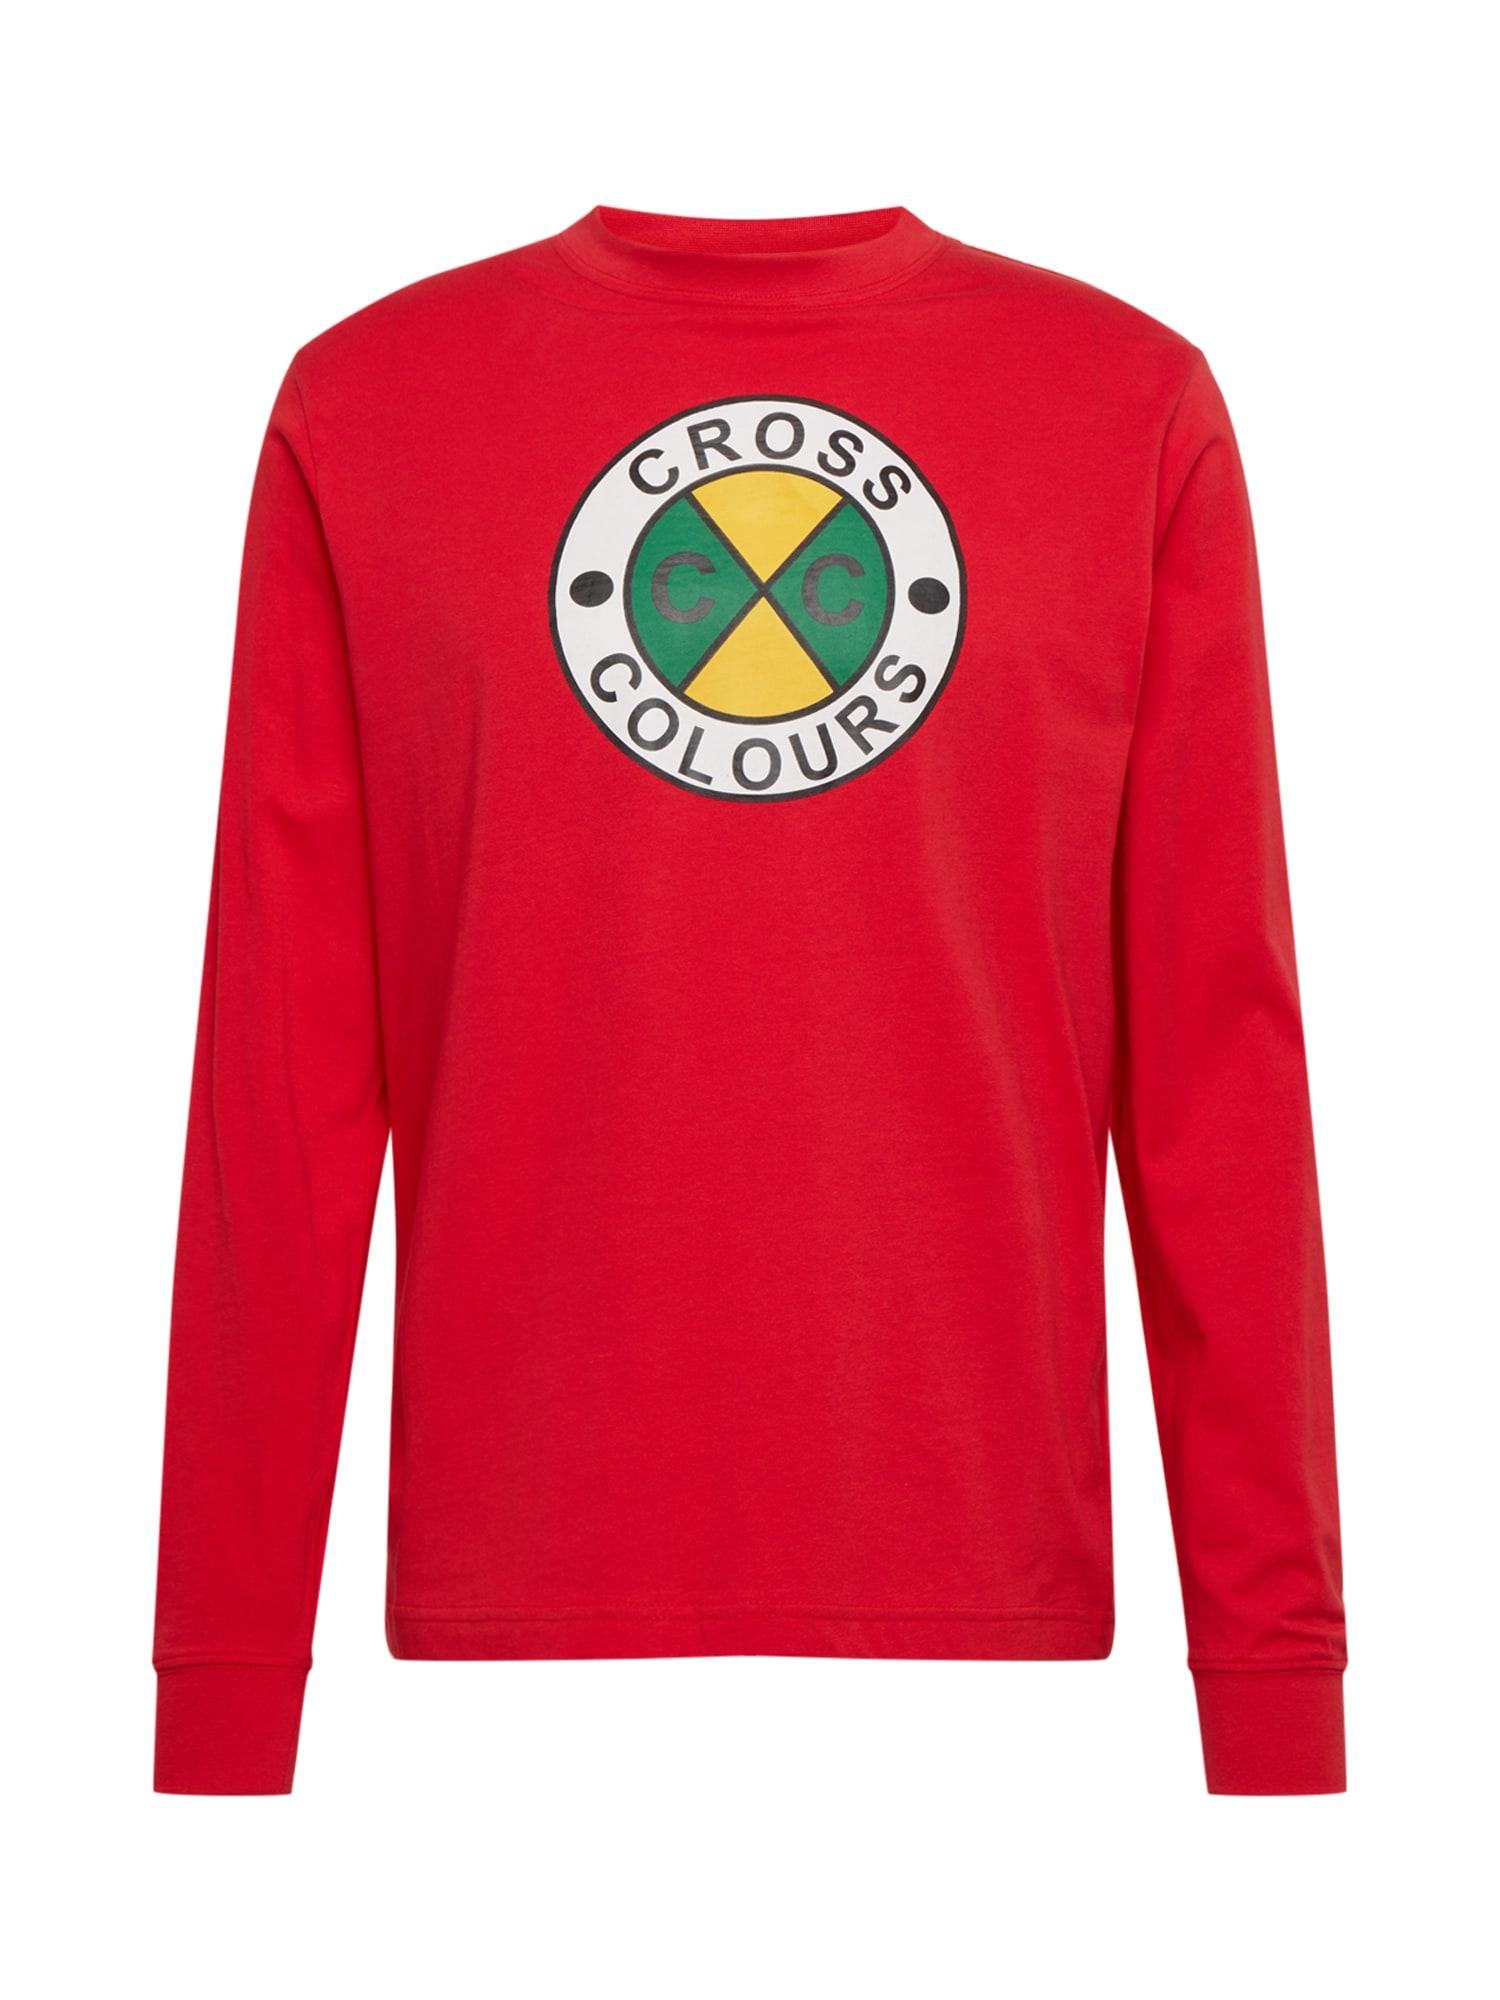 CROSS COLOURS Marškinėliai raudona / geltona / žalia